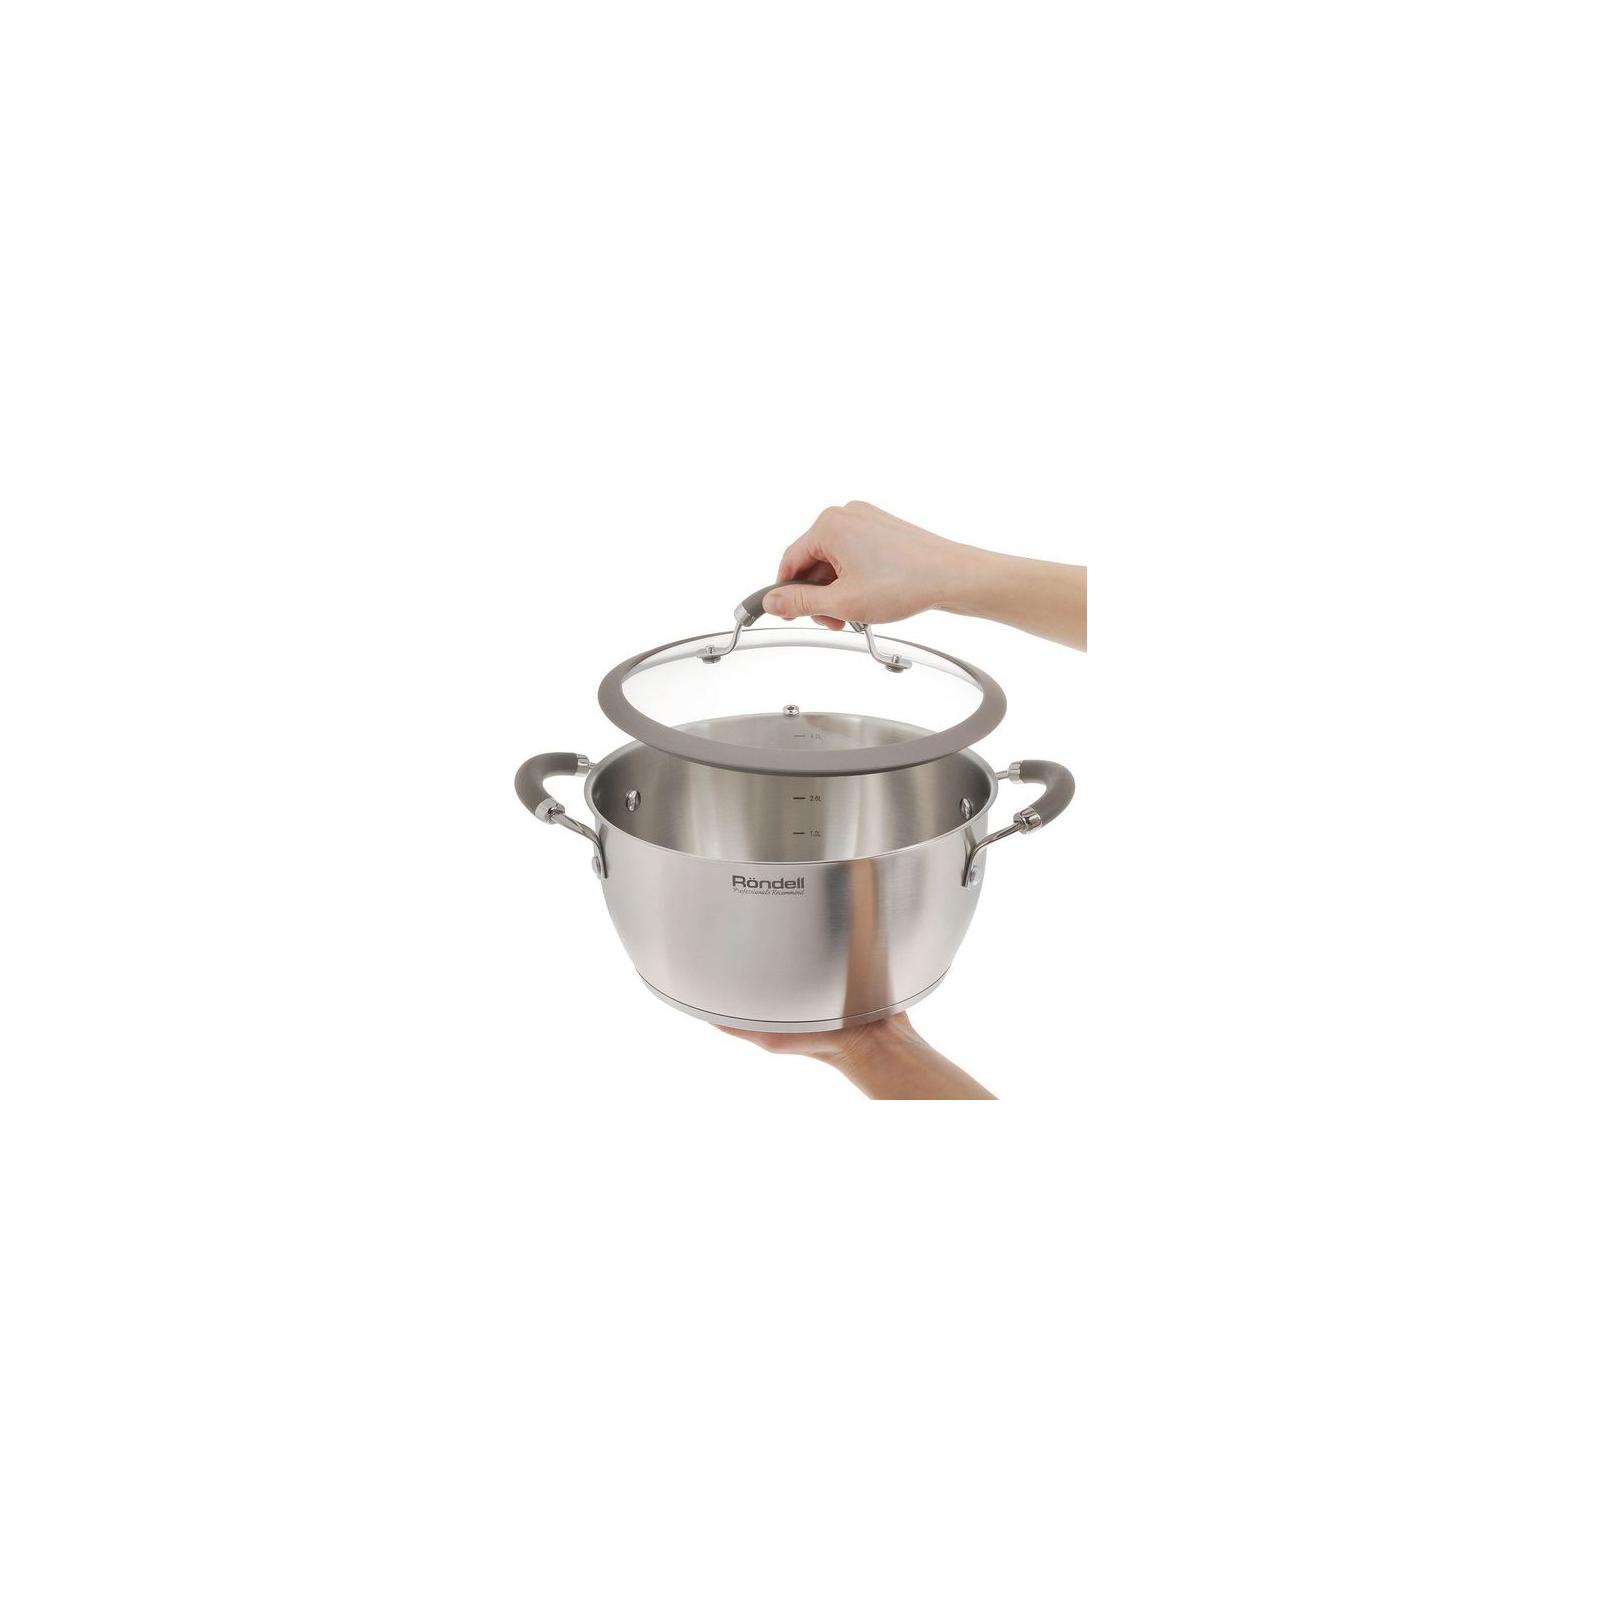 Набор посуды Rondell Balance 4 предмета (RDS-757) изображение 3